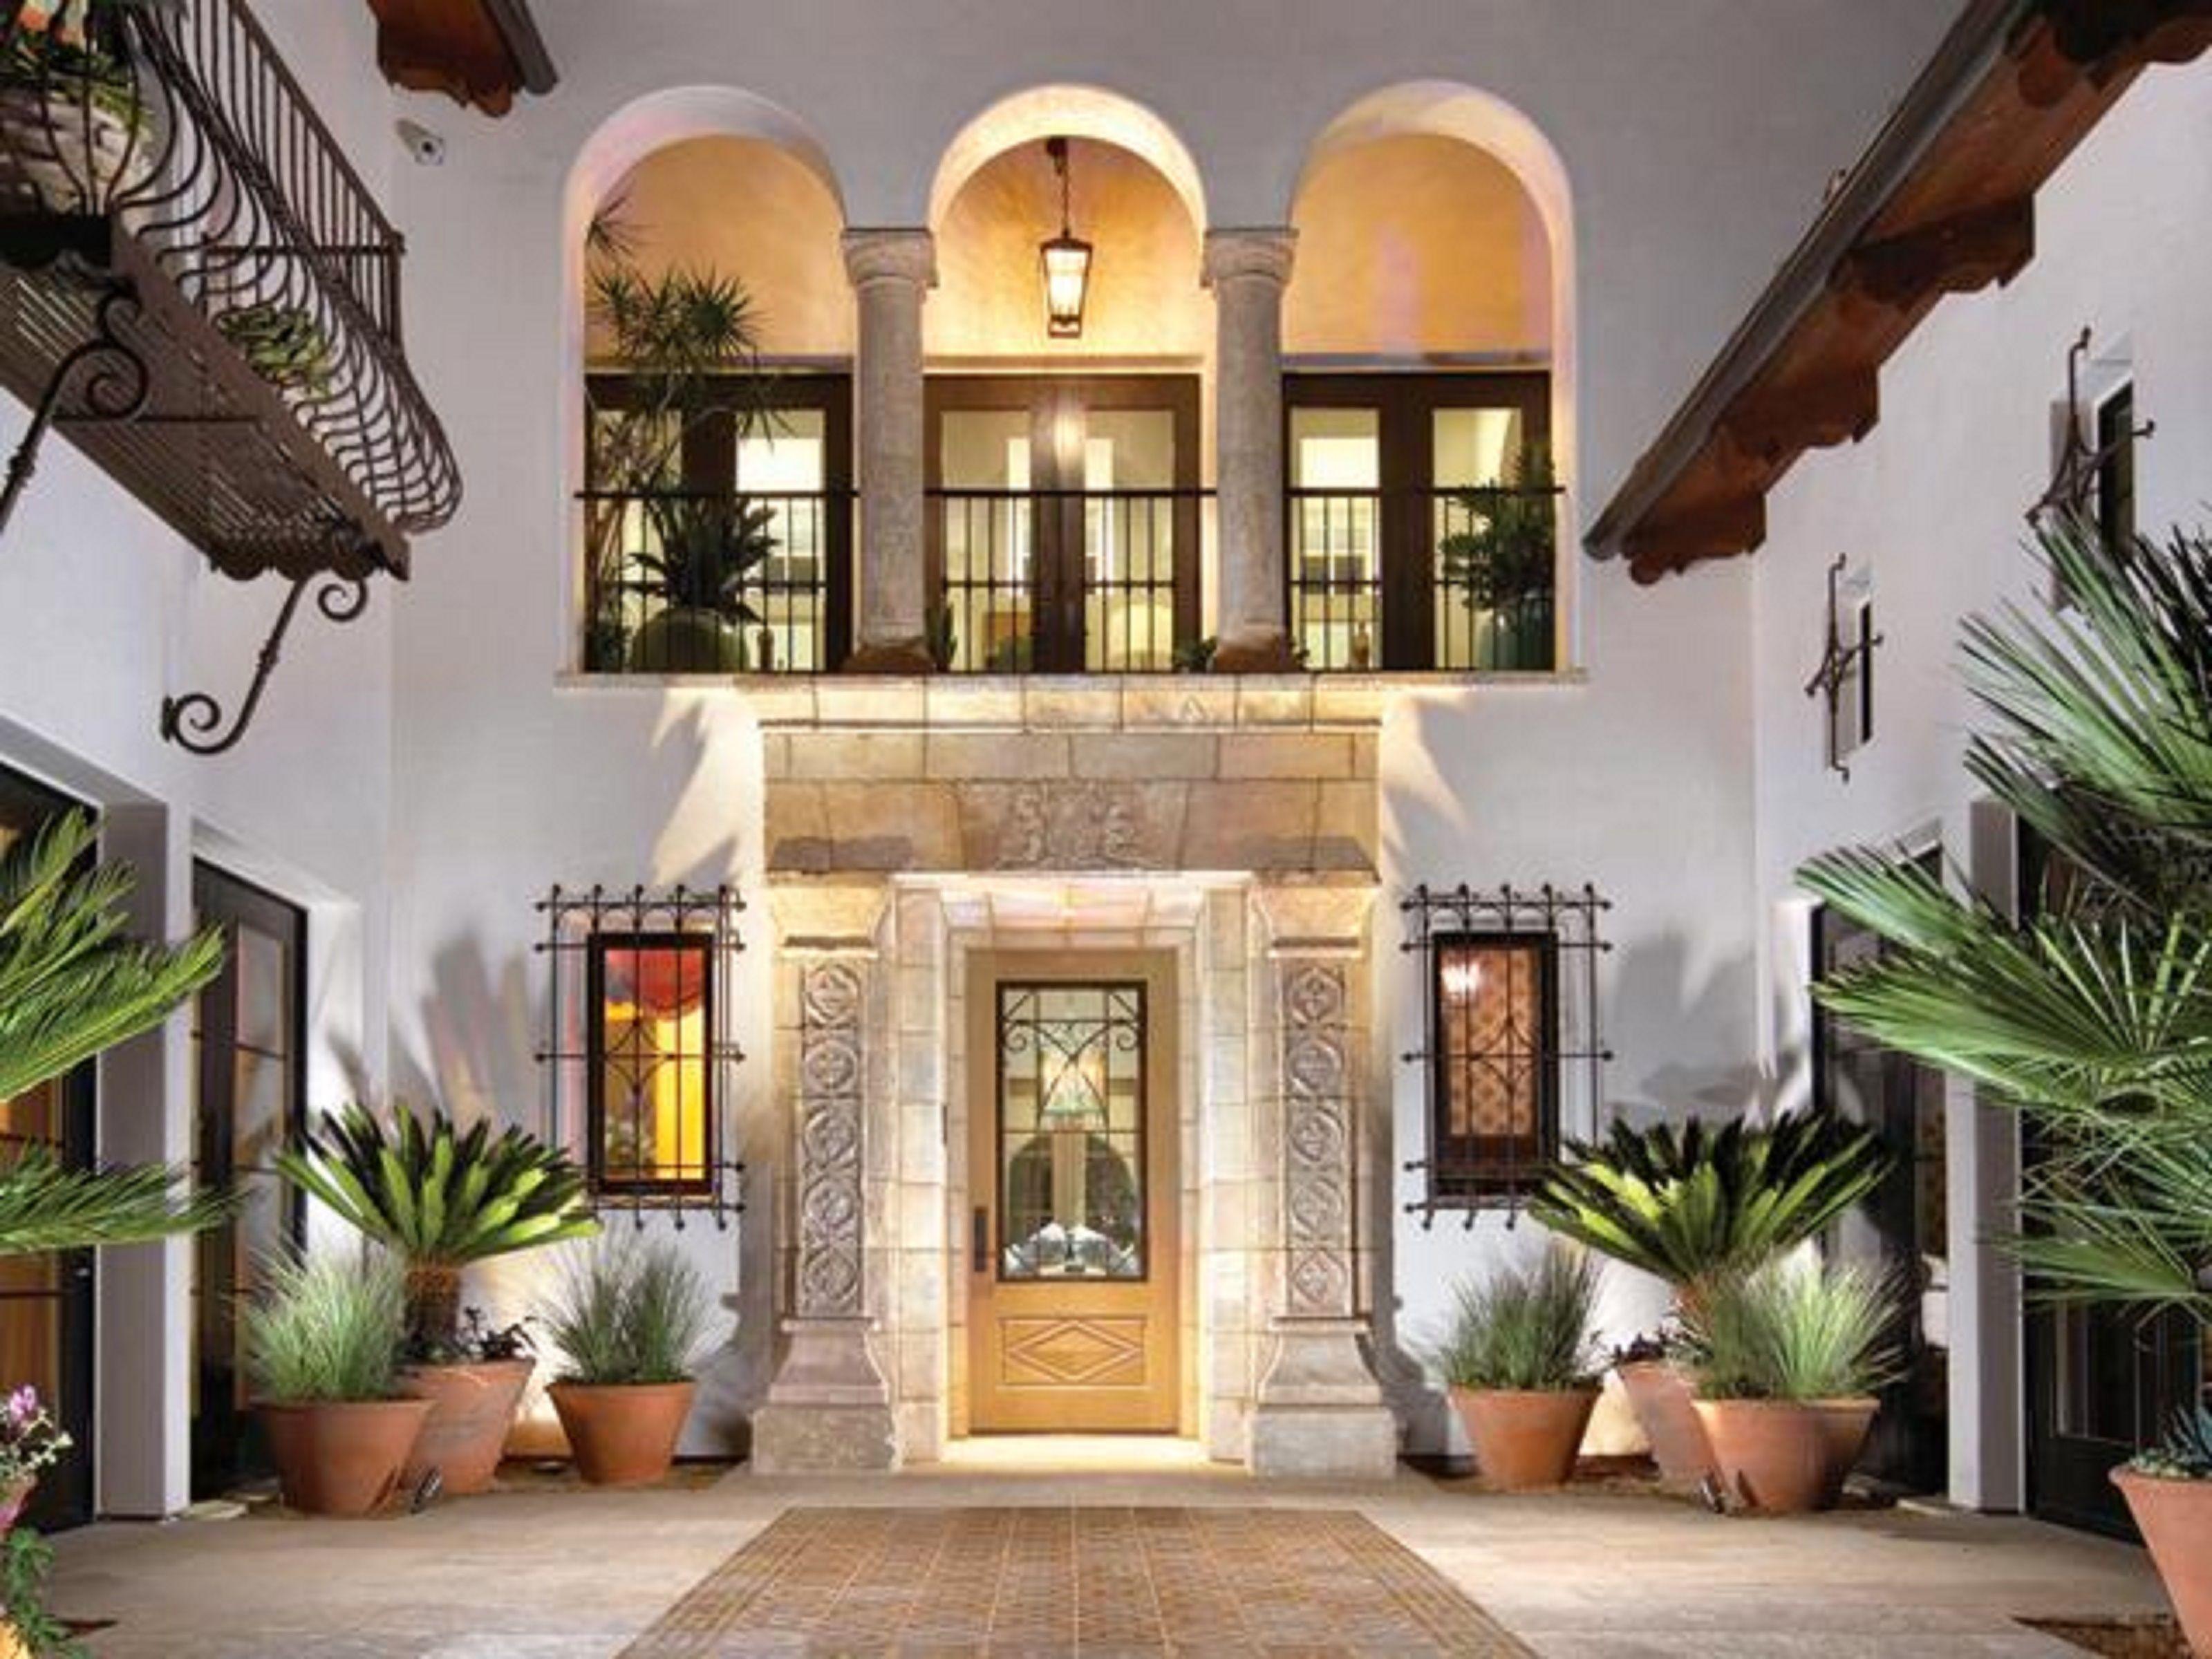 pingl par rinieri francois sur maison en pierre pinterest haus haus design et haus ideen. Black Bedroom Furniture Sets. Home Design Ideas